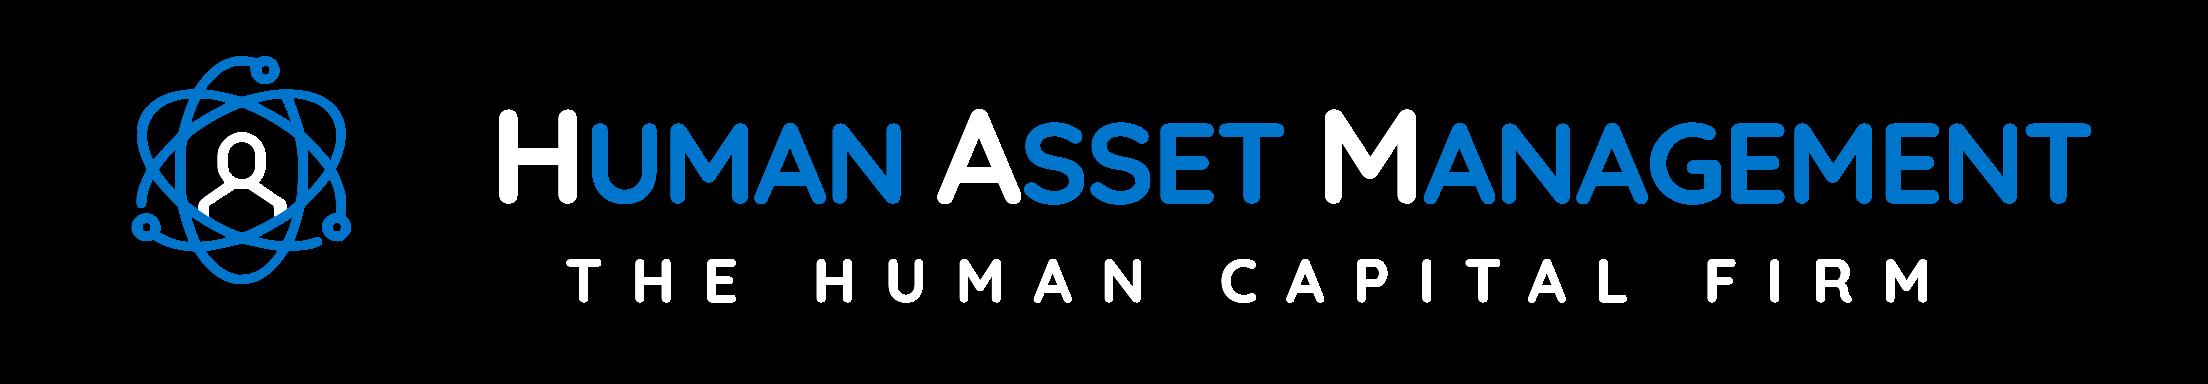 Human Asset Management